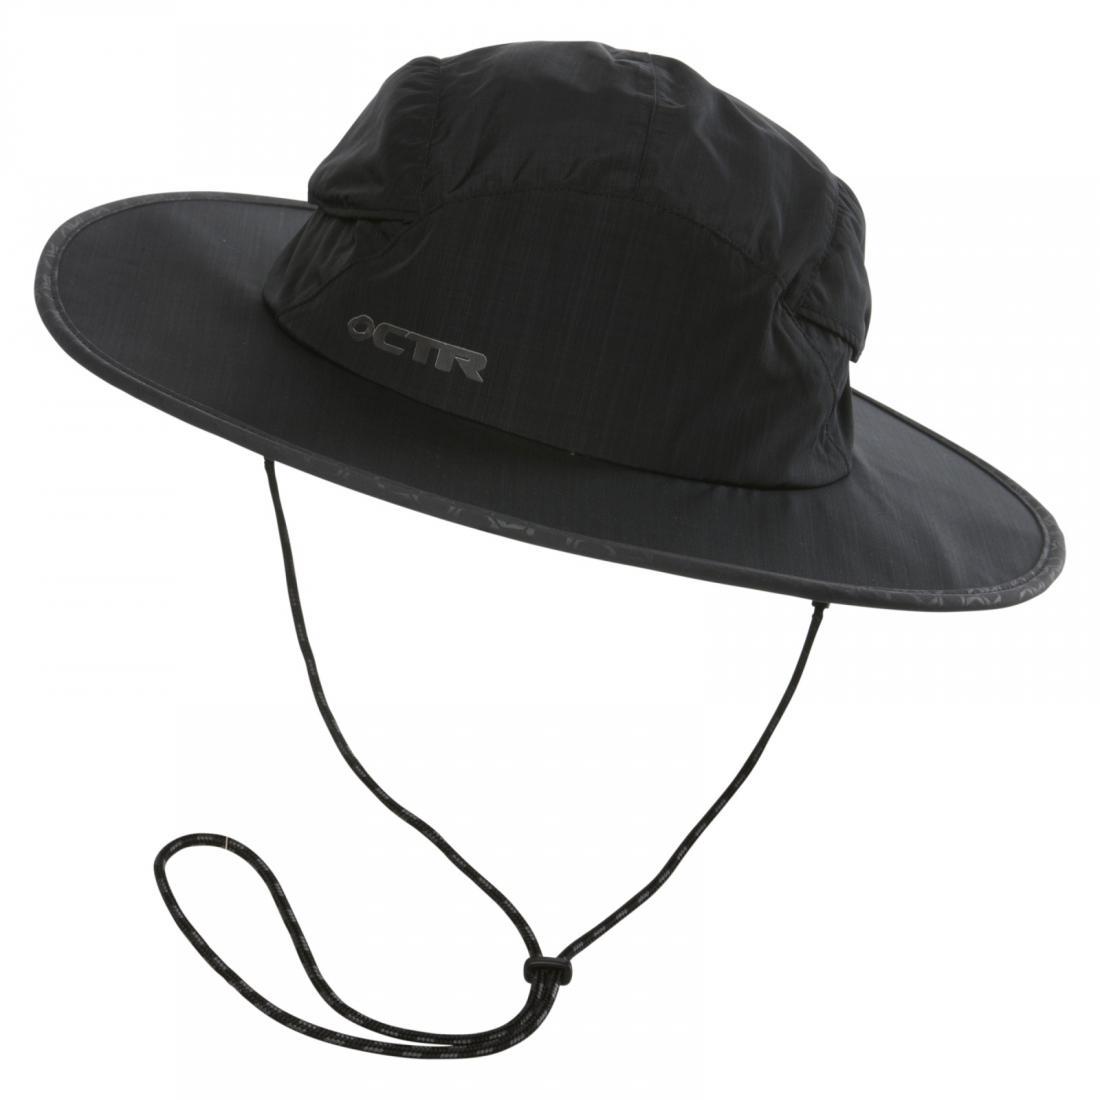 Панама Chaos  Stratus SombreroПанамы<br><br> В путешествии, в походе или в длительной прогулке сложно обойтись без удобной панамы, такой как Chaos Stratus Sombrero. Эта широкополая шляпа служит отличной защитой не только от обжигающих солнечных лучей, но и от дождя.<br><br><br> Особенност...<br><br>Цвет: Черный<br>Размер: L-XL